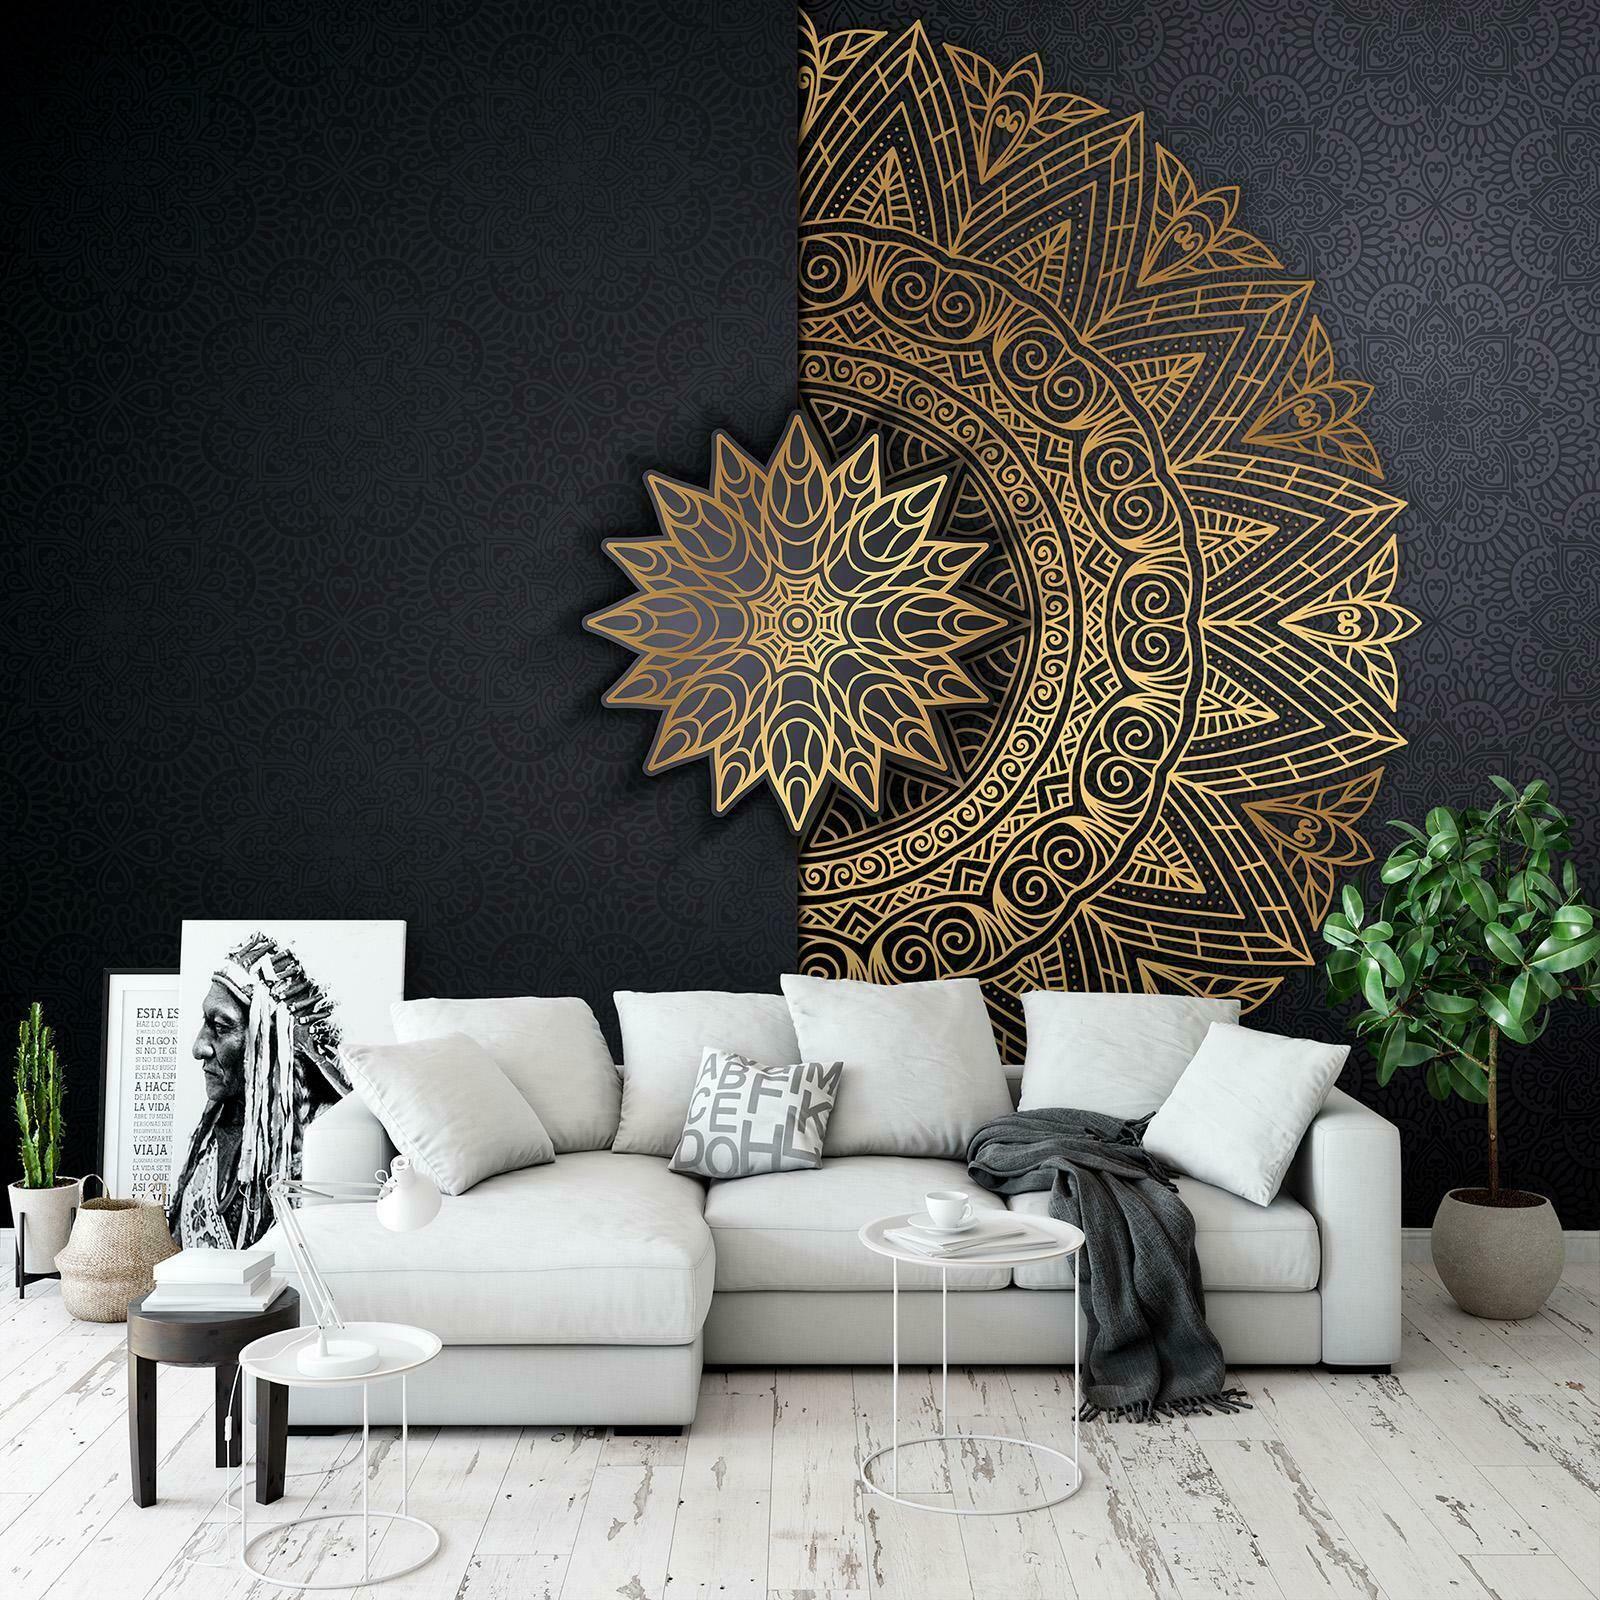 Brilliante Fototapete Tapete Wandbild 244680fw Mandala Orient Gold Abstraktion Eur 16 9 Tapeten Wohnzimmer Modern Tapeten Wohnzimmer Dekor Für Kleine Räume